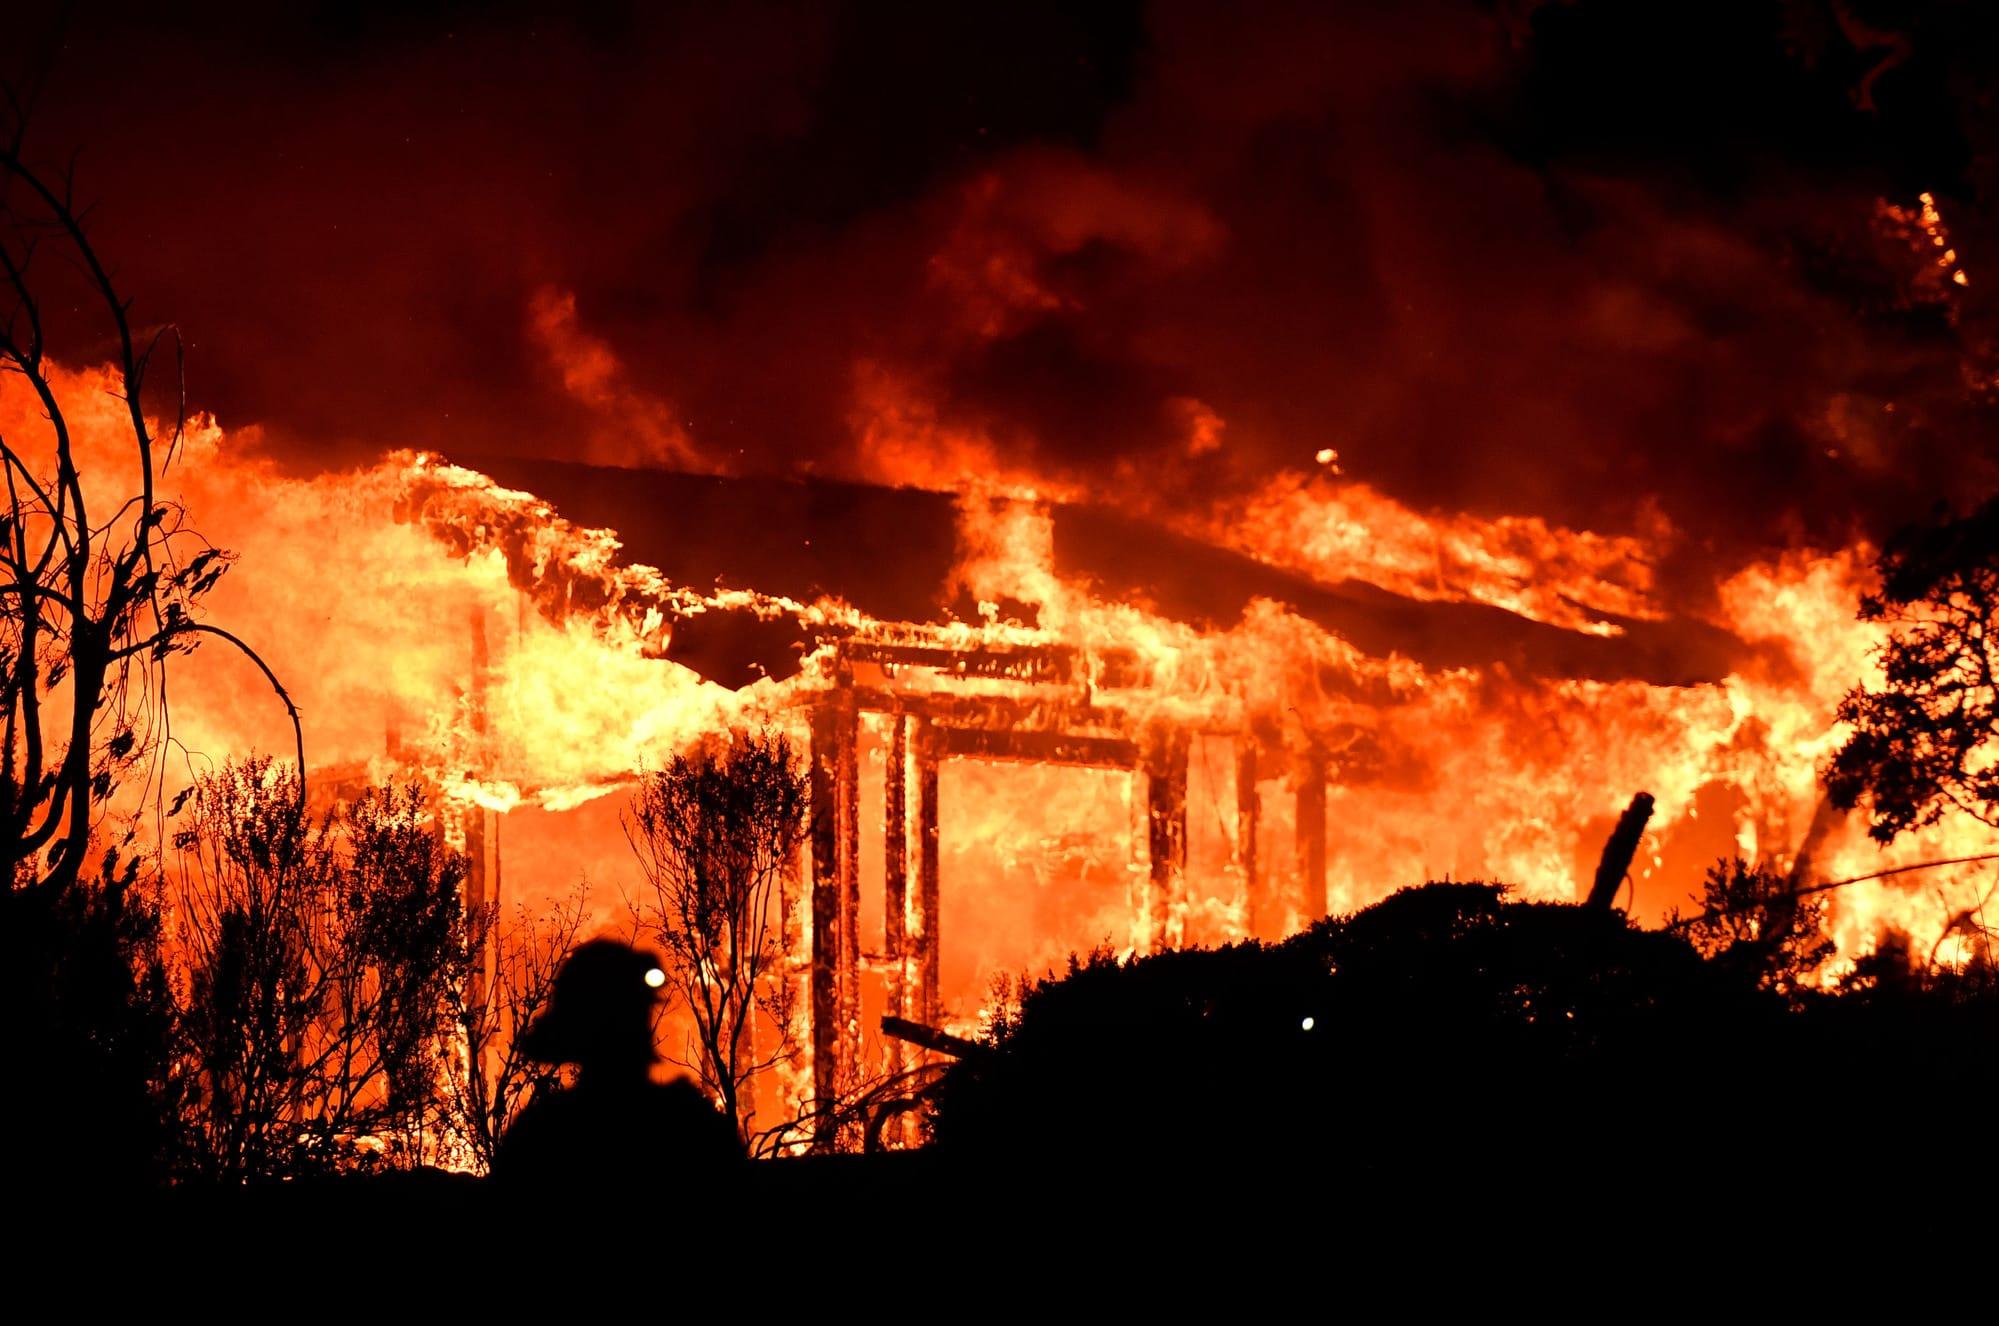 Cette photo d'incendie sert uniquement d'illustration à l'article